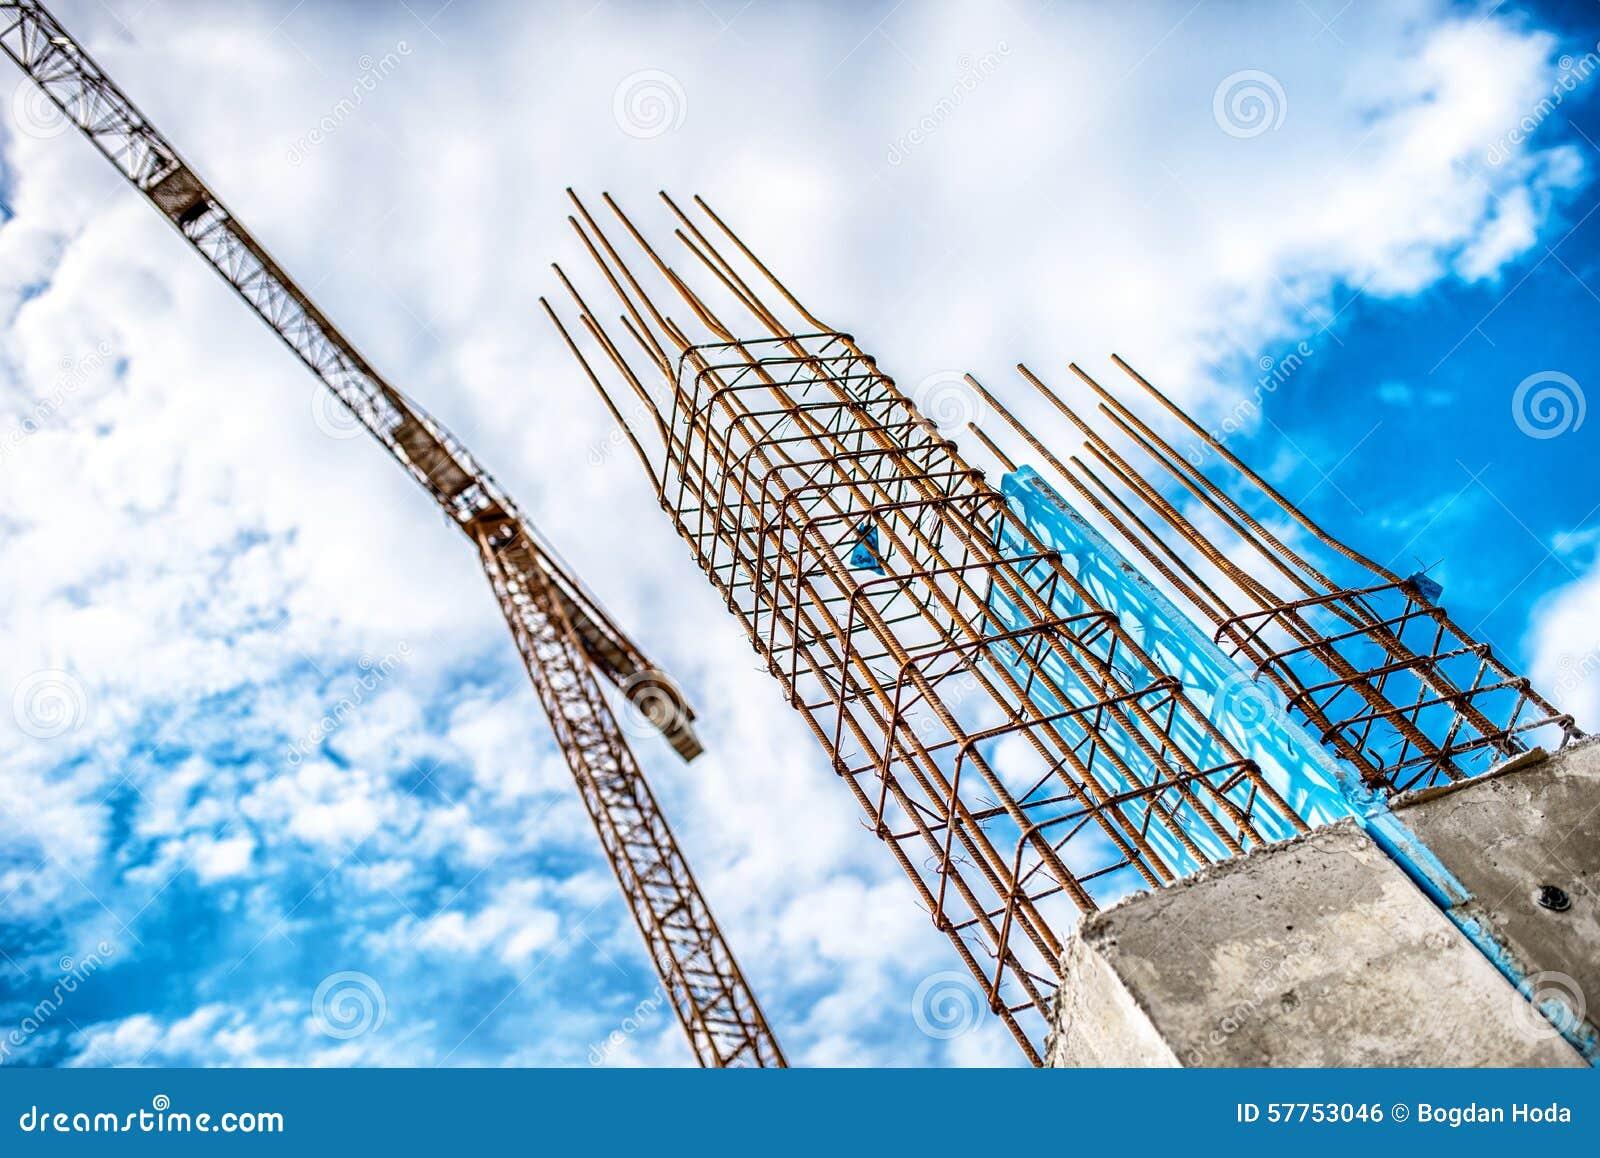 Piliers concrets sur le chantier de construction industriel Bâtiment de gratte-ciel avec la grue, les outils et les barres d acie